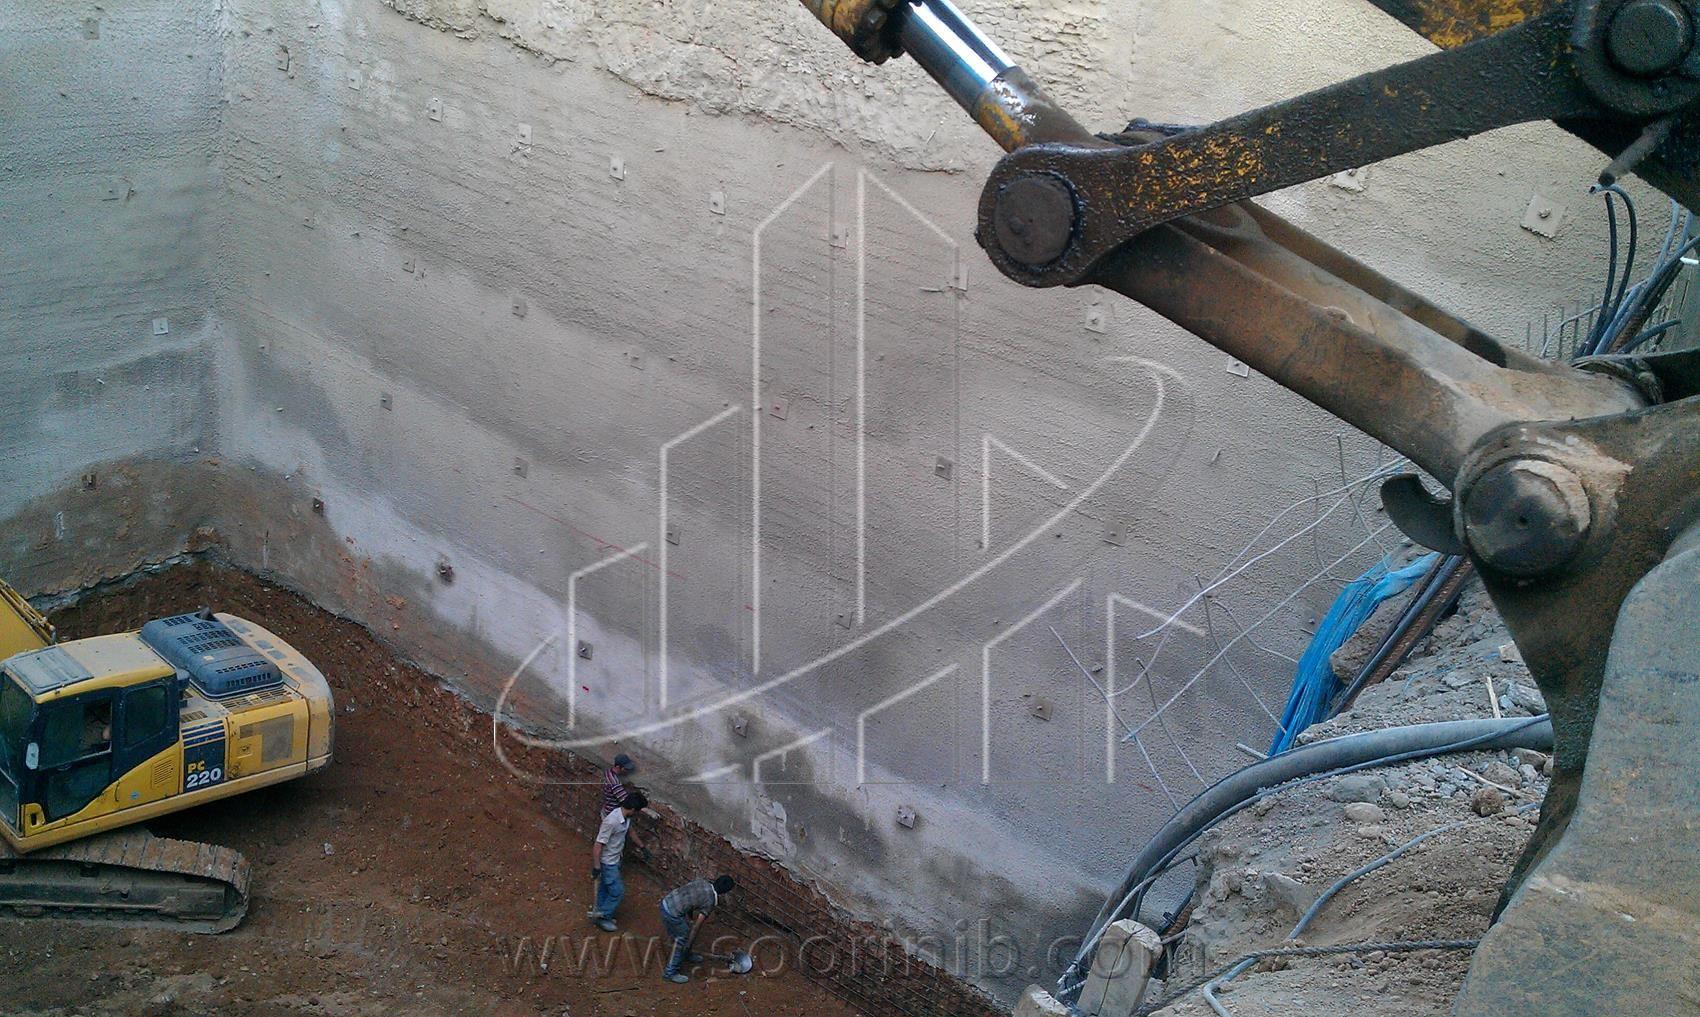 عملیات گودبرداری و تثبیت و پایدارسازی دیوارههای گود به روش اجرای نیلینگ و انکراژ